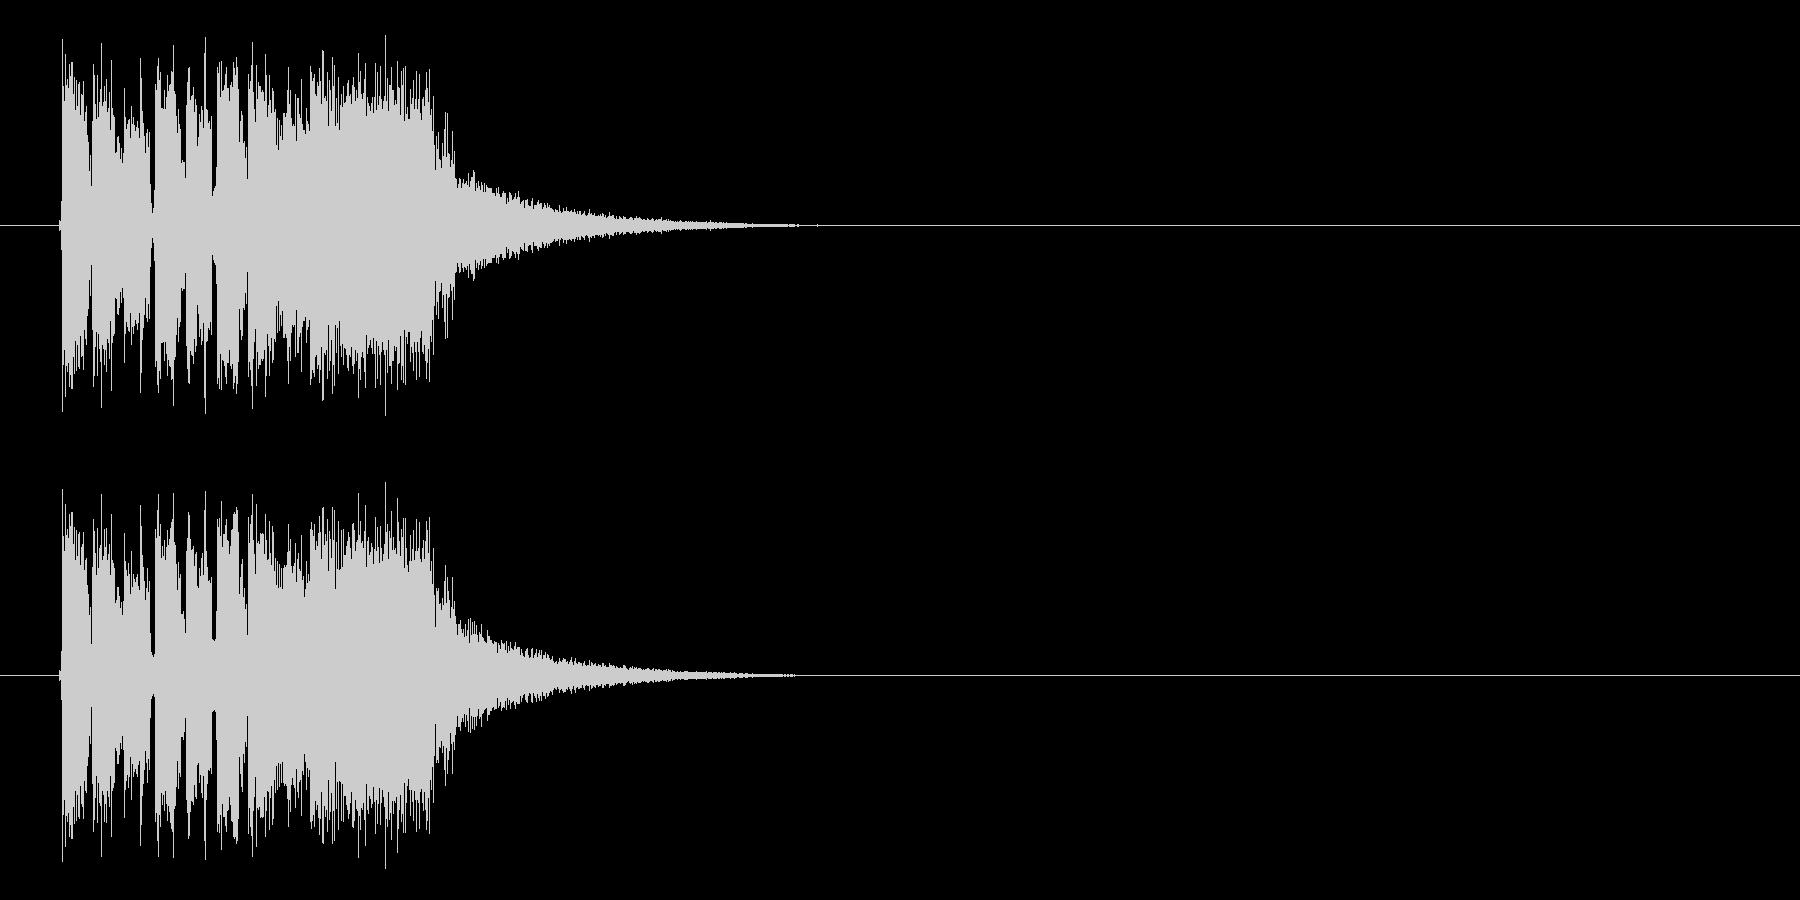 インパクトがありユニークなテクノの未再生の波形